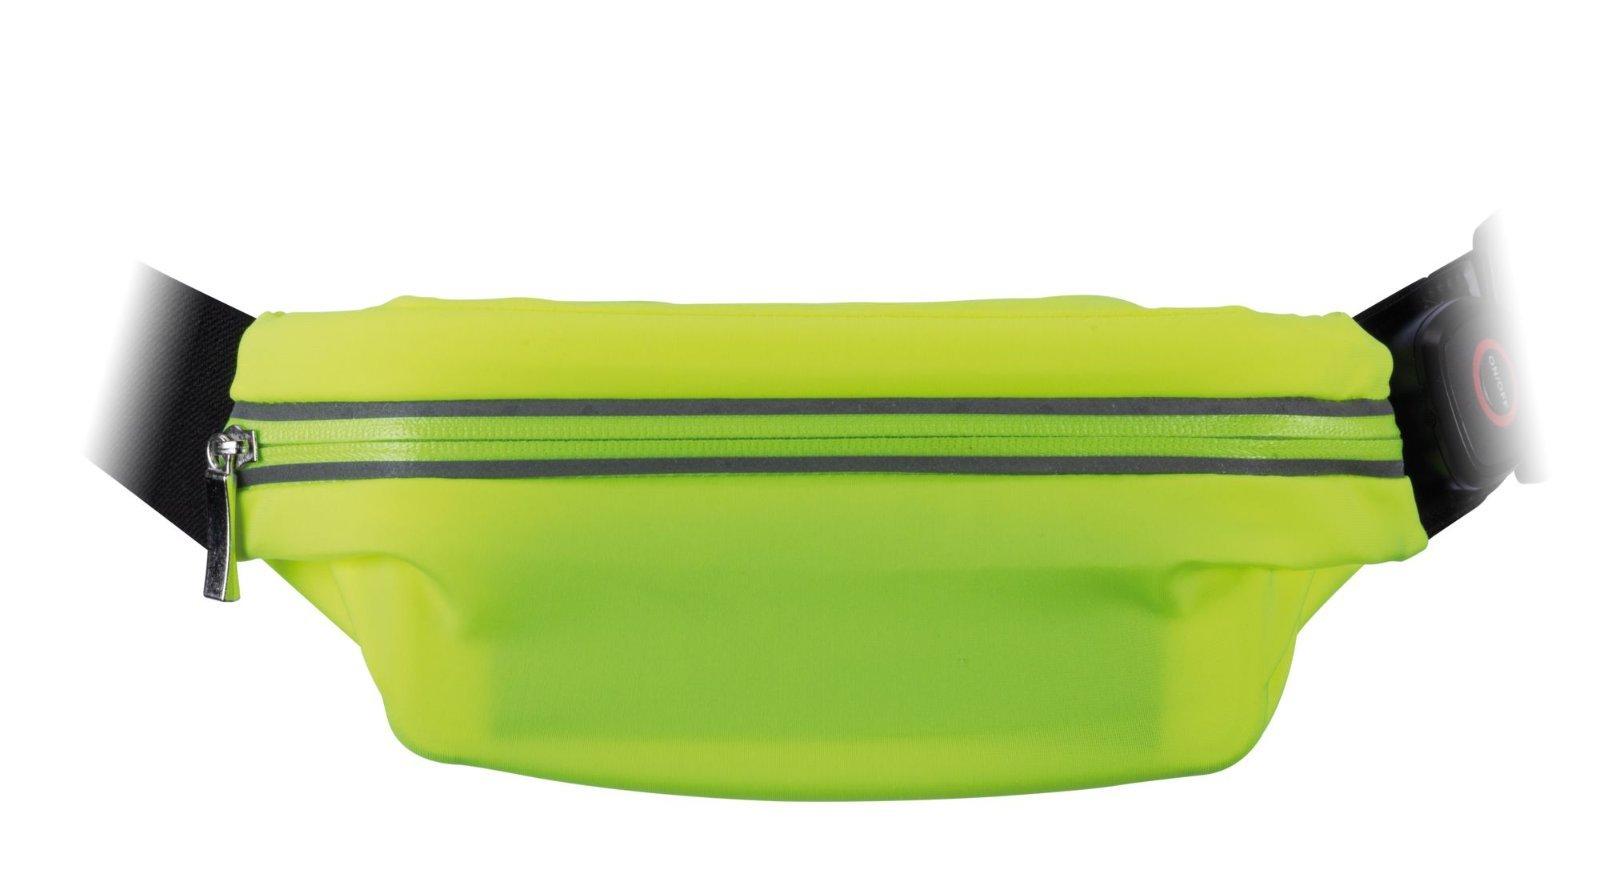 Сумка на талию со светодиодной подсветкой Paulmann Waist bag yellow rechargeable 70969, LED 0,4W, черный, зеленый, текстиль - фото 4